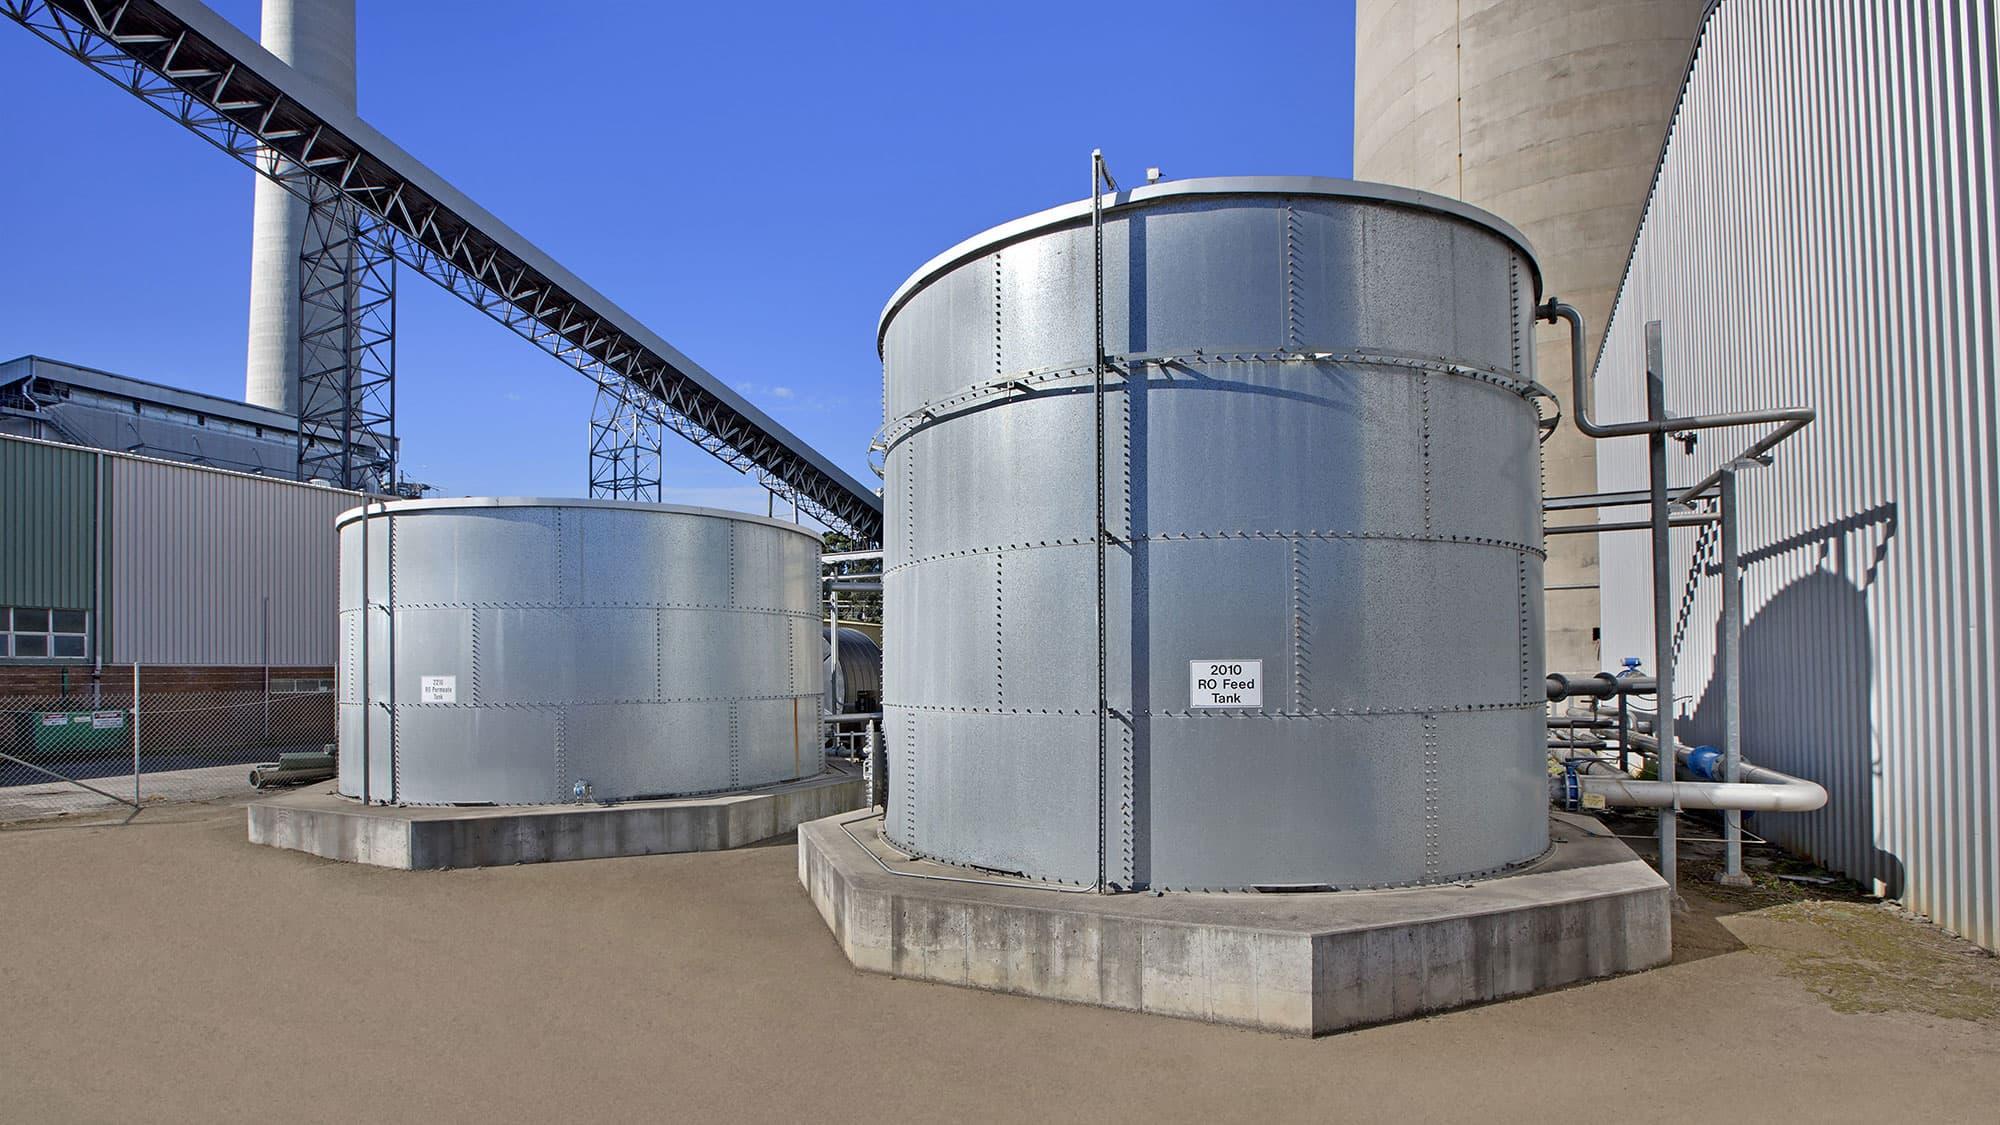 Delta Electricity Australie réservoir d'eau d'alimentation de l'osmose